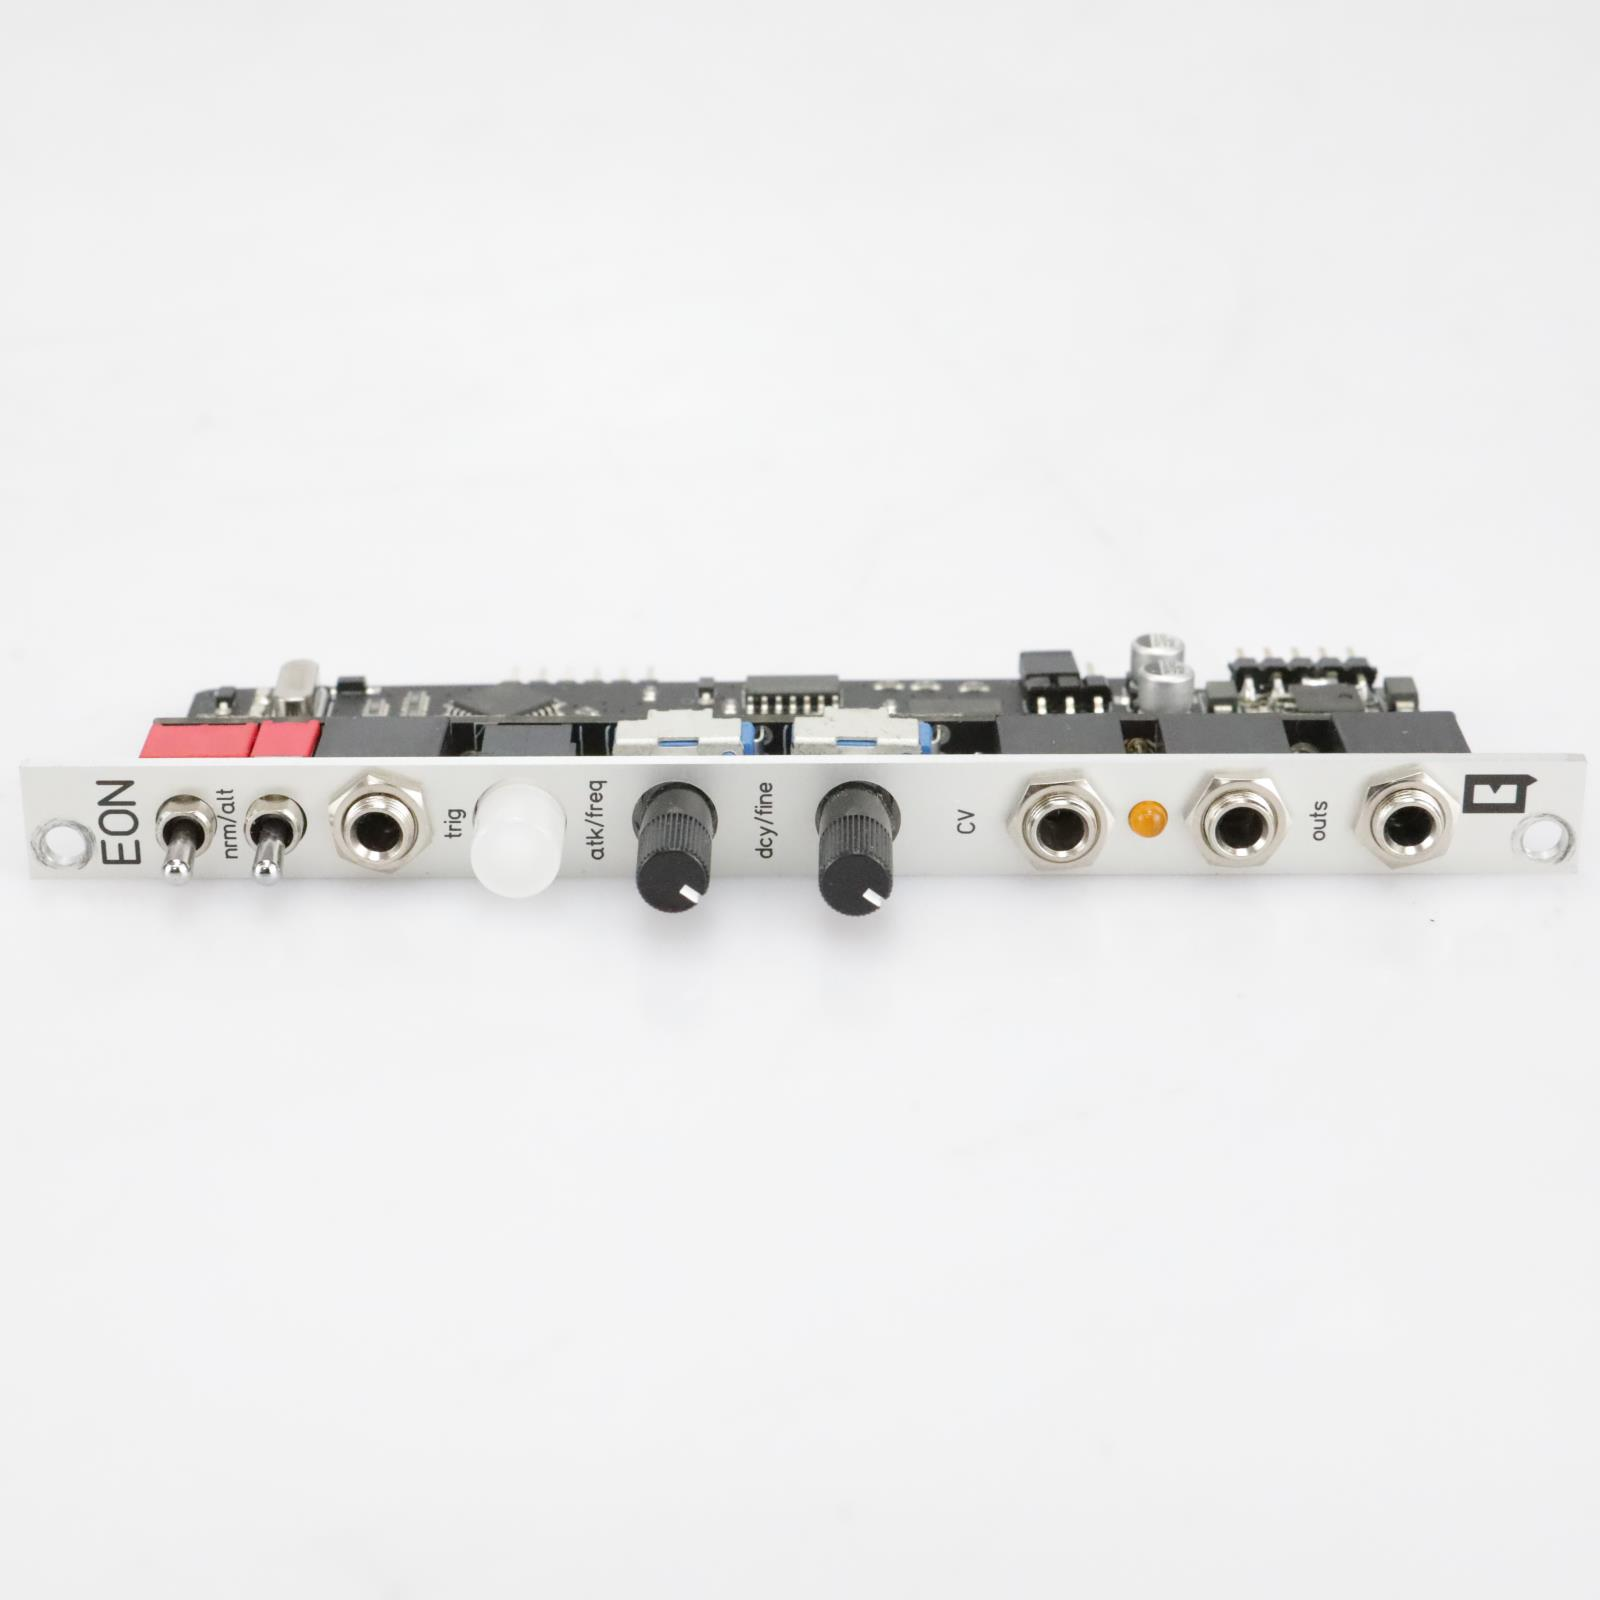 Qu-Bit Eon Envelope, Oscillator, Noise Generator Eurorack Module #40825